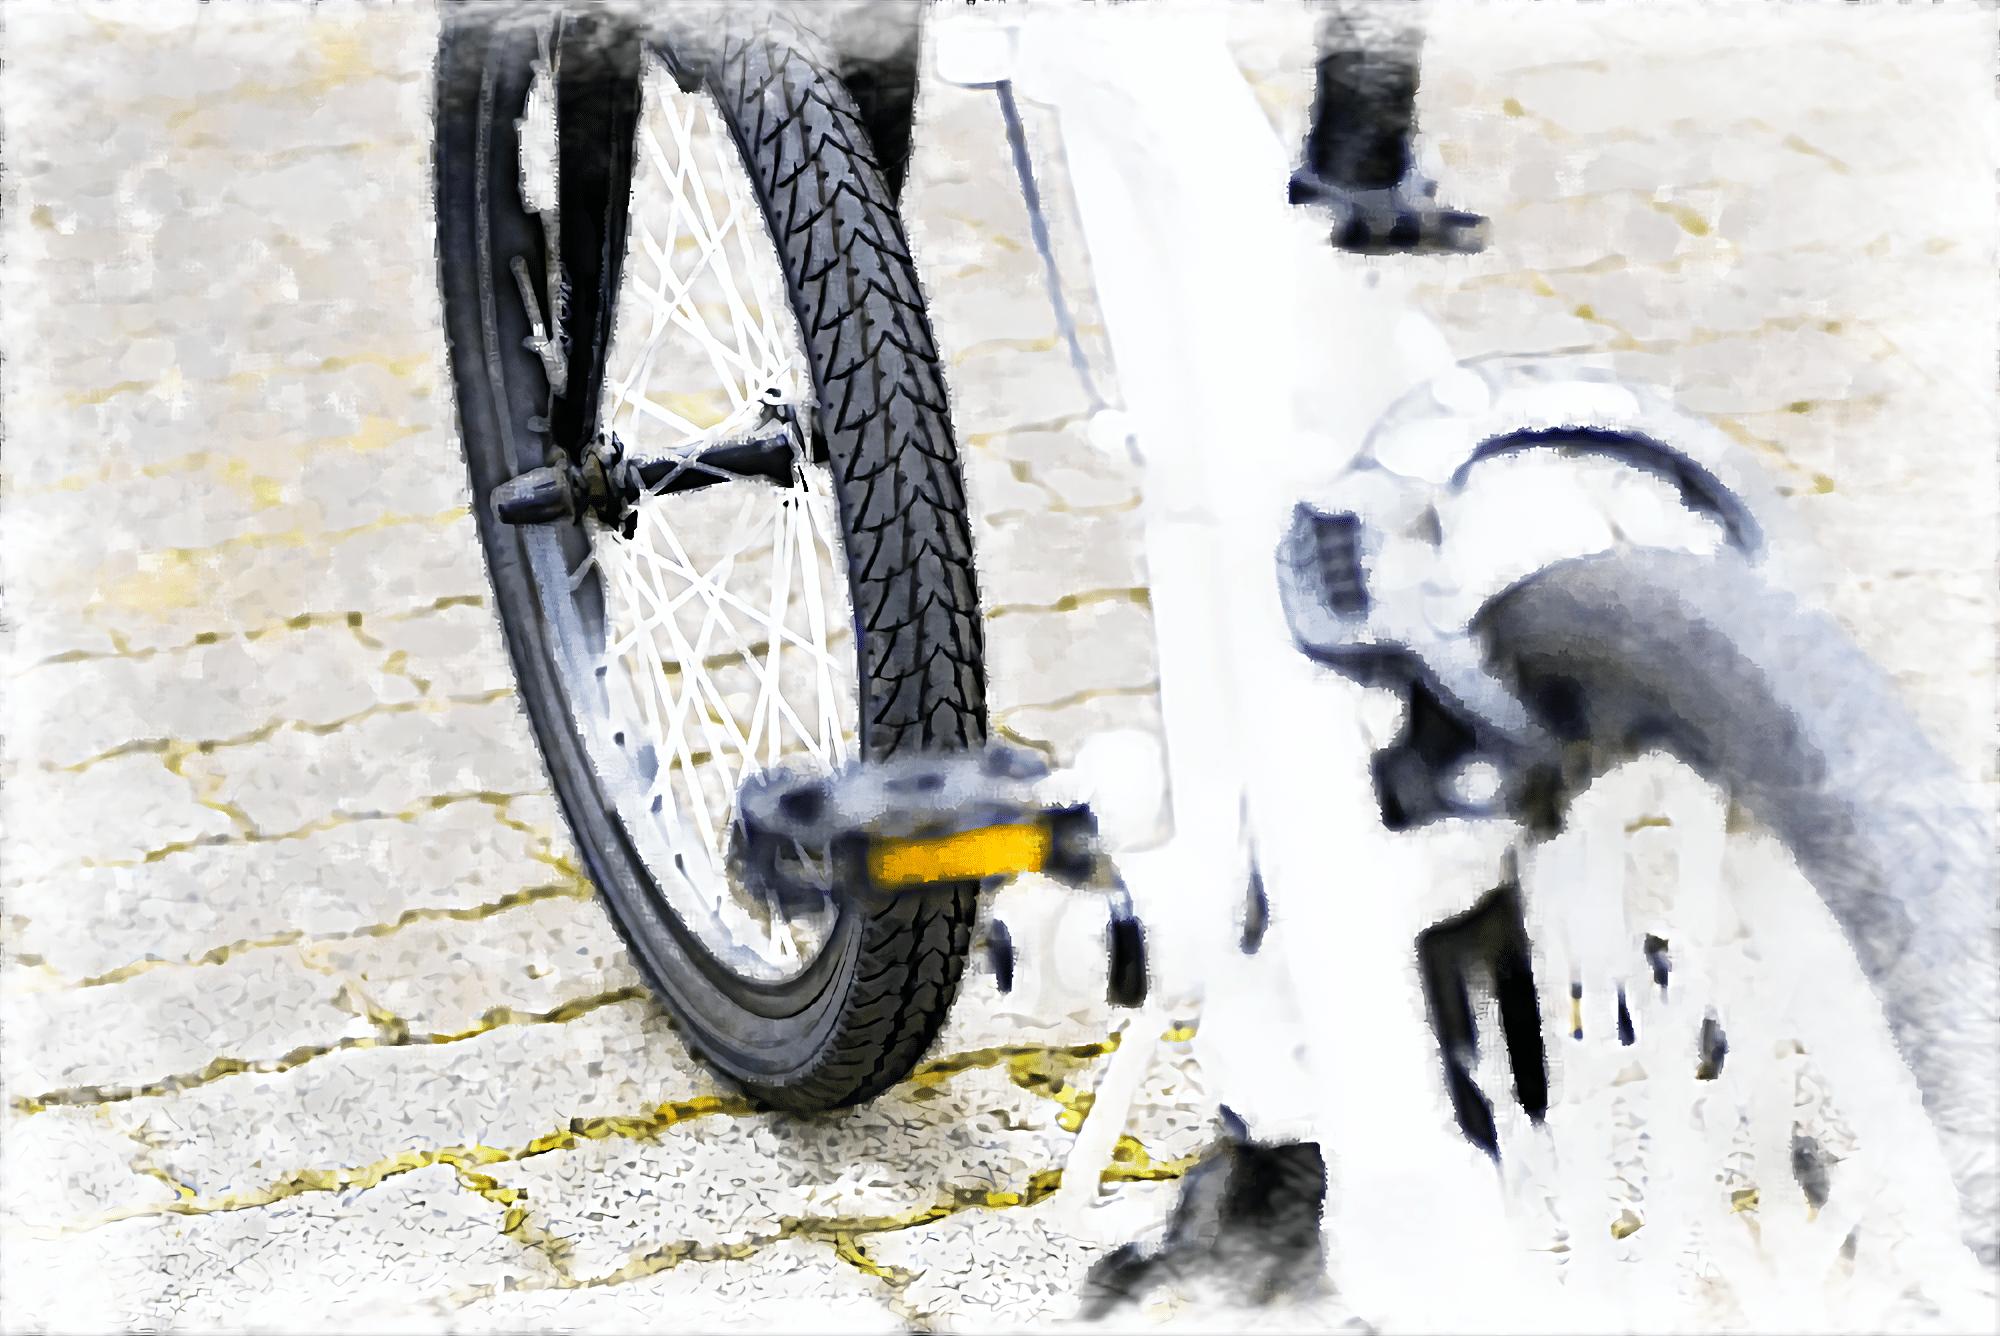 ミニベロタイプの白い折りたたみ電動アシスト自転車